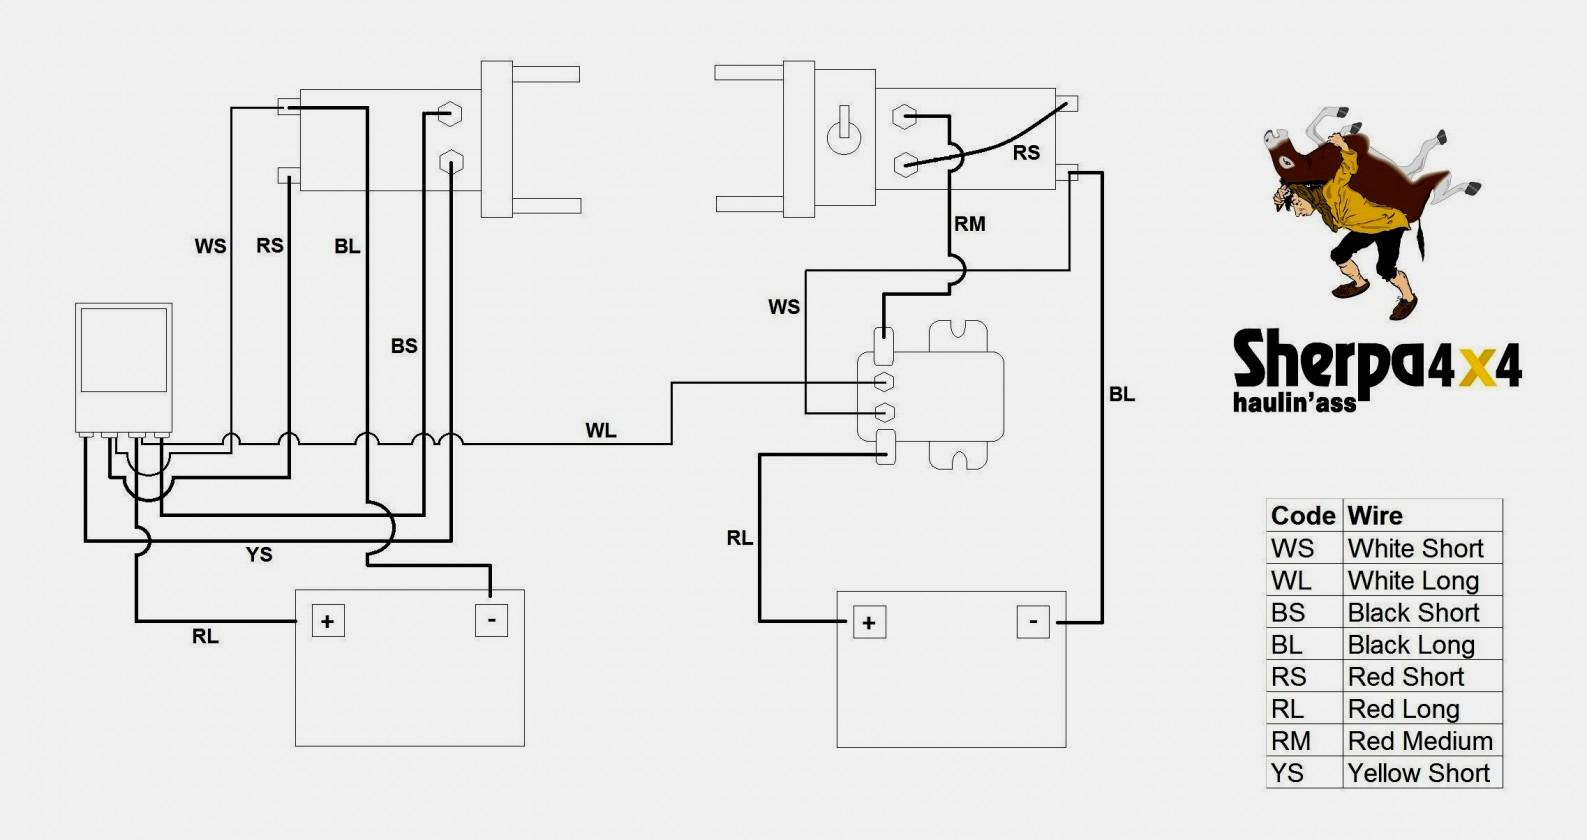 Warn Winch Wiring Diagram | Best Wiring Library - Warn Winch Wiring Diagram 4 Solenoid